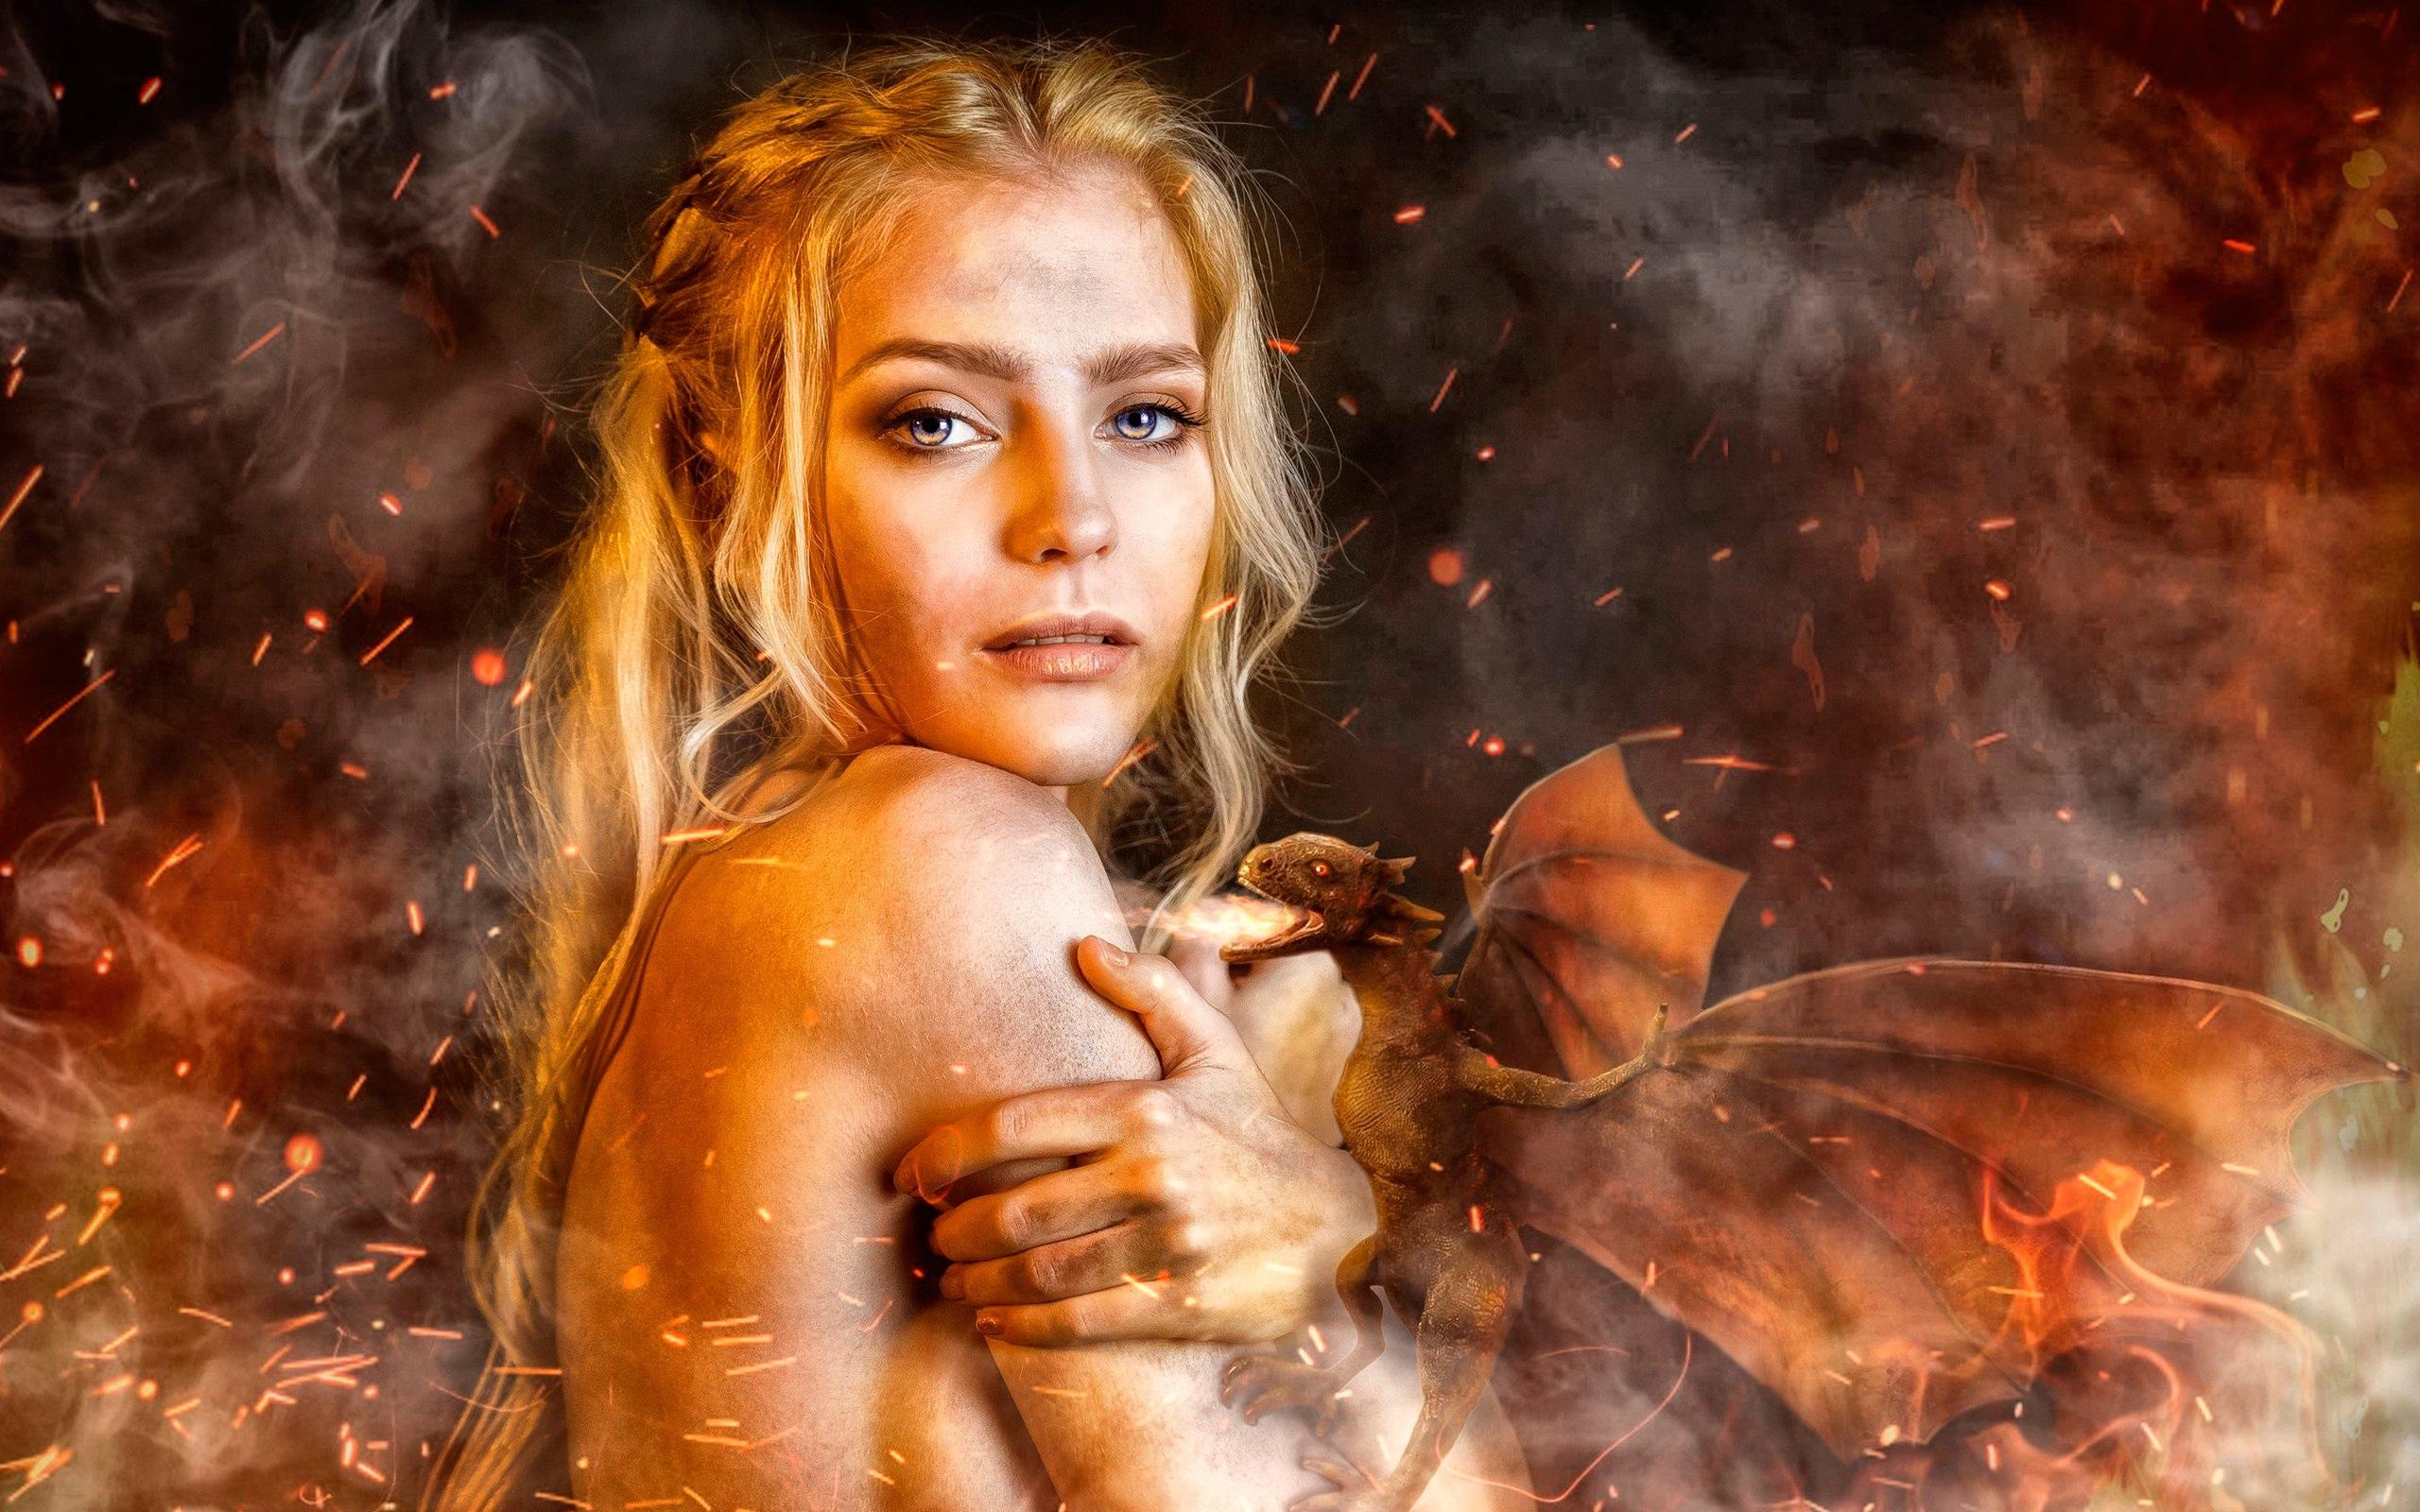 Wallpaper Game Of Thrones, Daenerys Targaryen, Cosplay - Art Game Of Thrones Daenerys Targaryen - HD Wallpaper